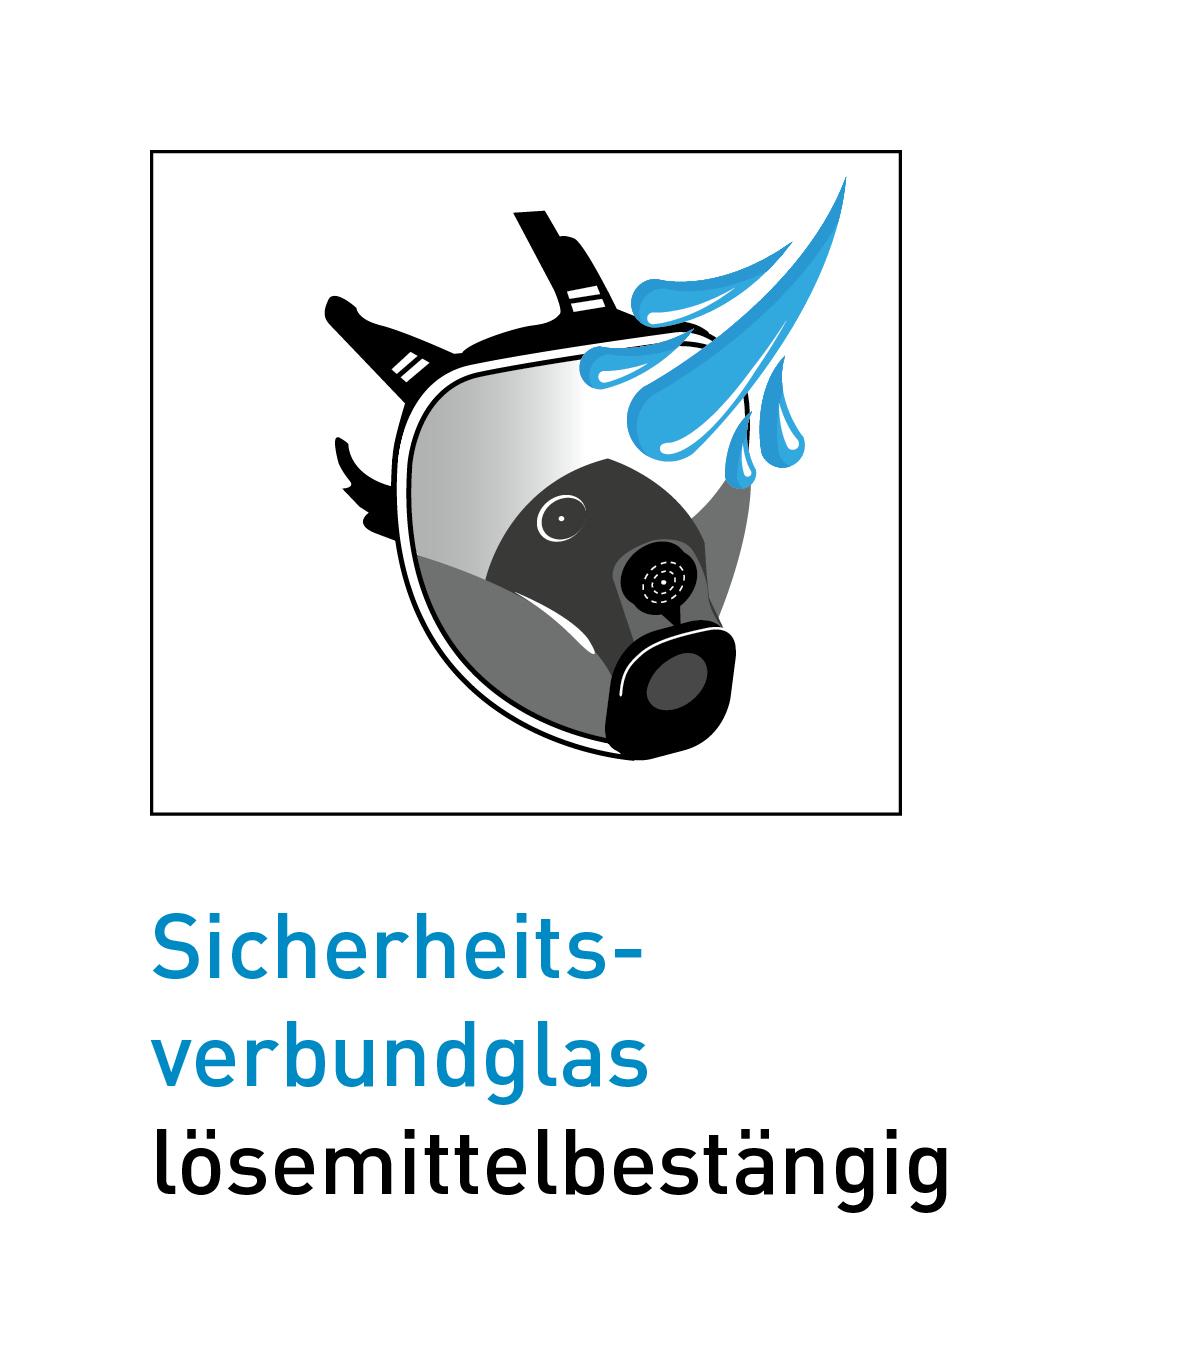 Verbundglas deutsch